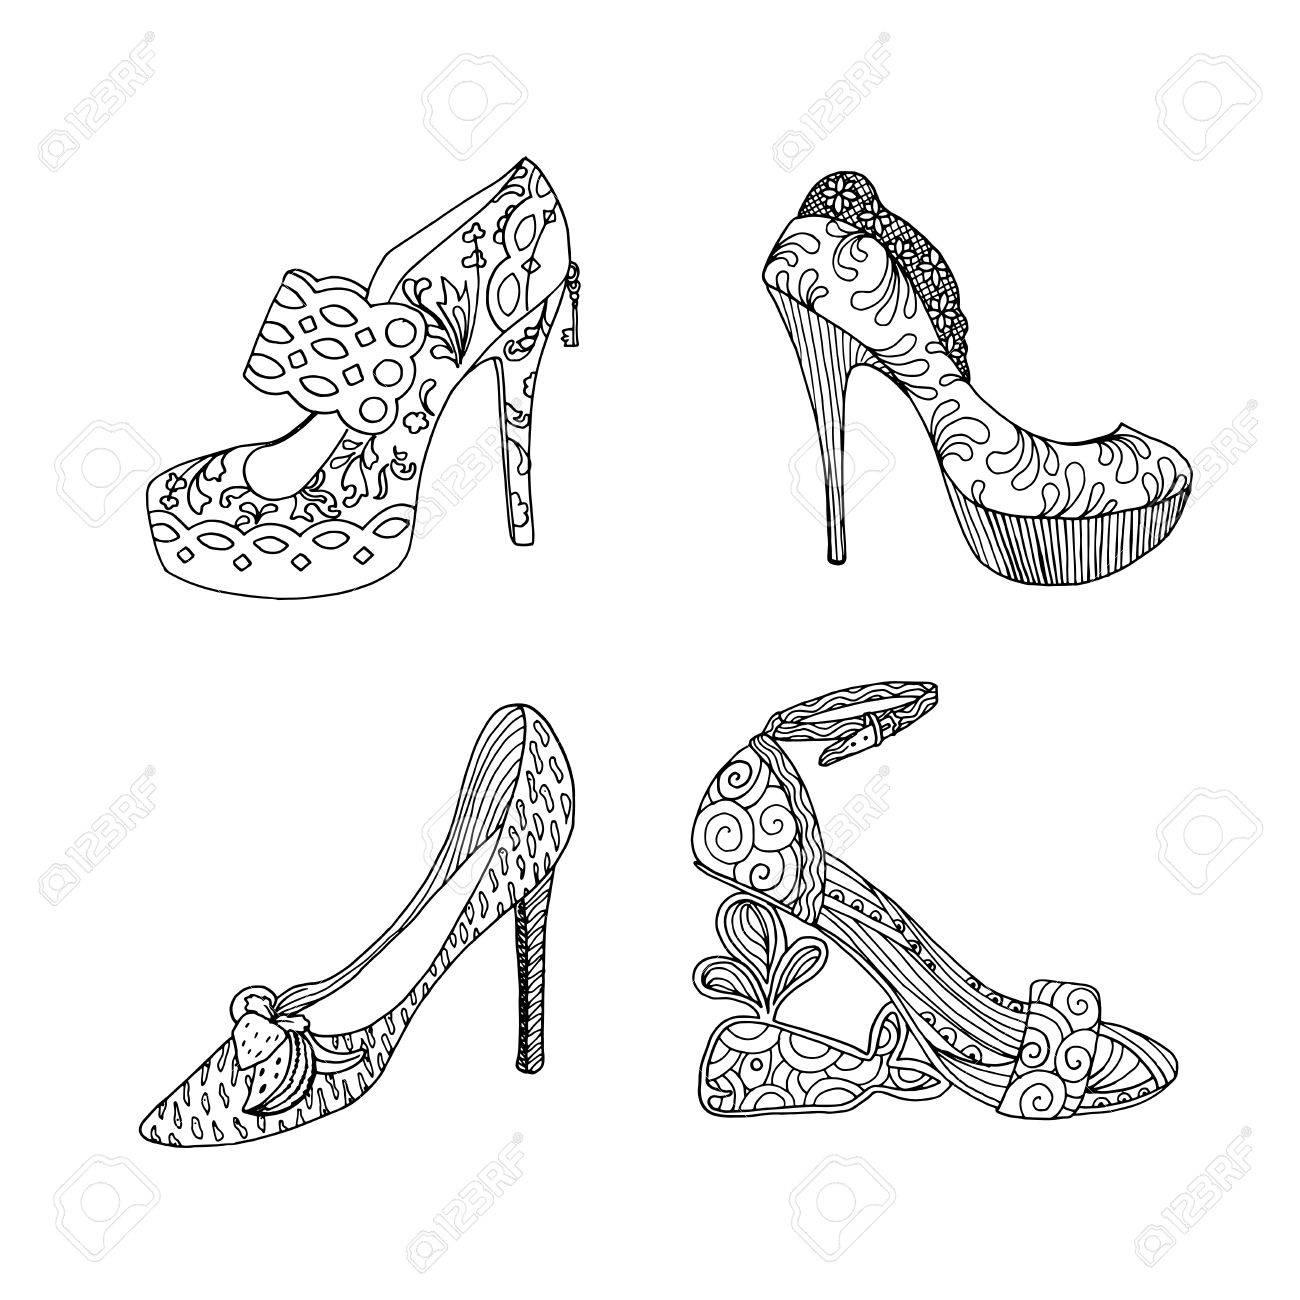 Zapatos De Tacón Alto Para La Mujer Ilustraciones Del Calzado De La Manera En Relleno Negro Del Modelo Del Estilo Aislado Imágenes Prediseñadas